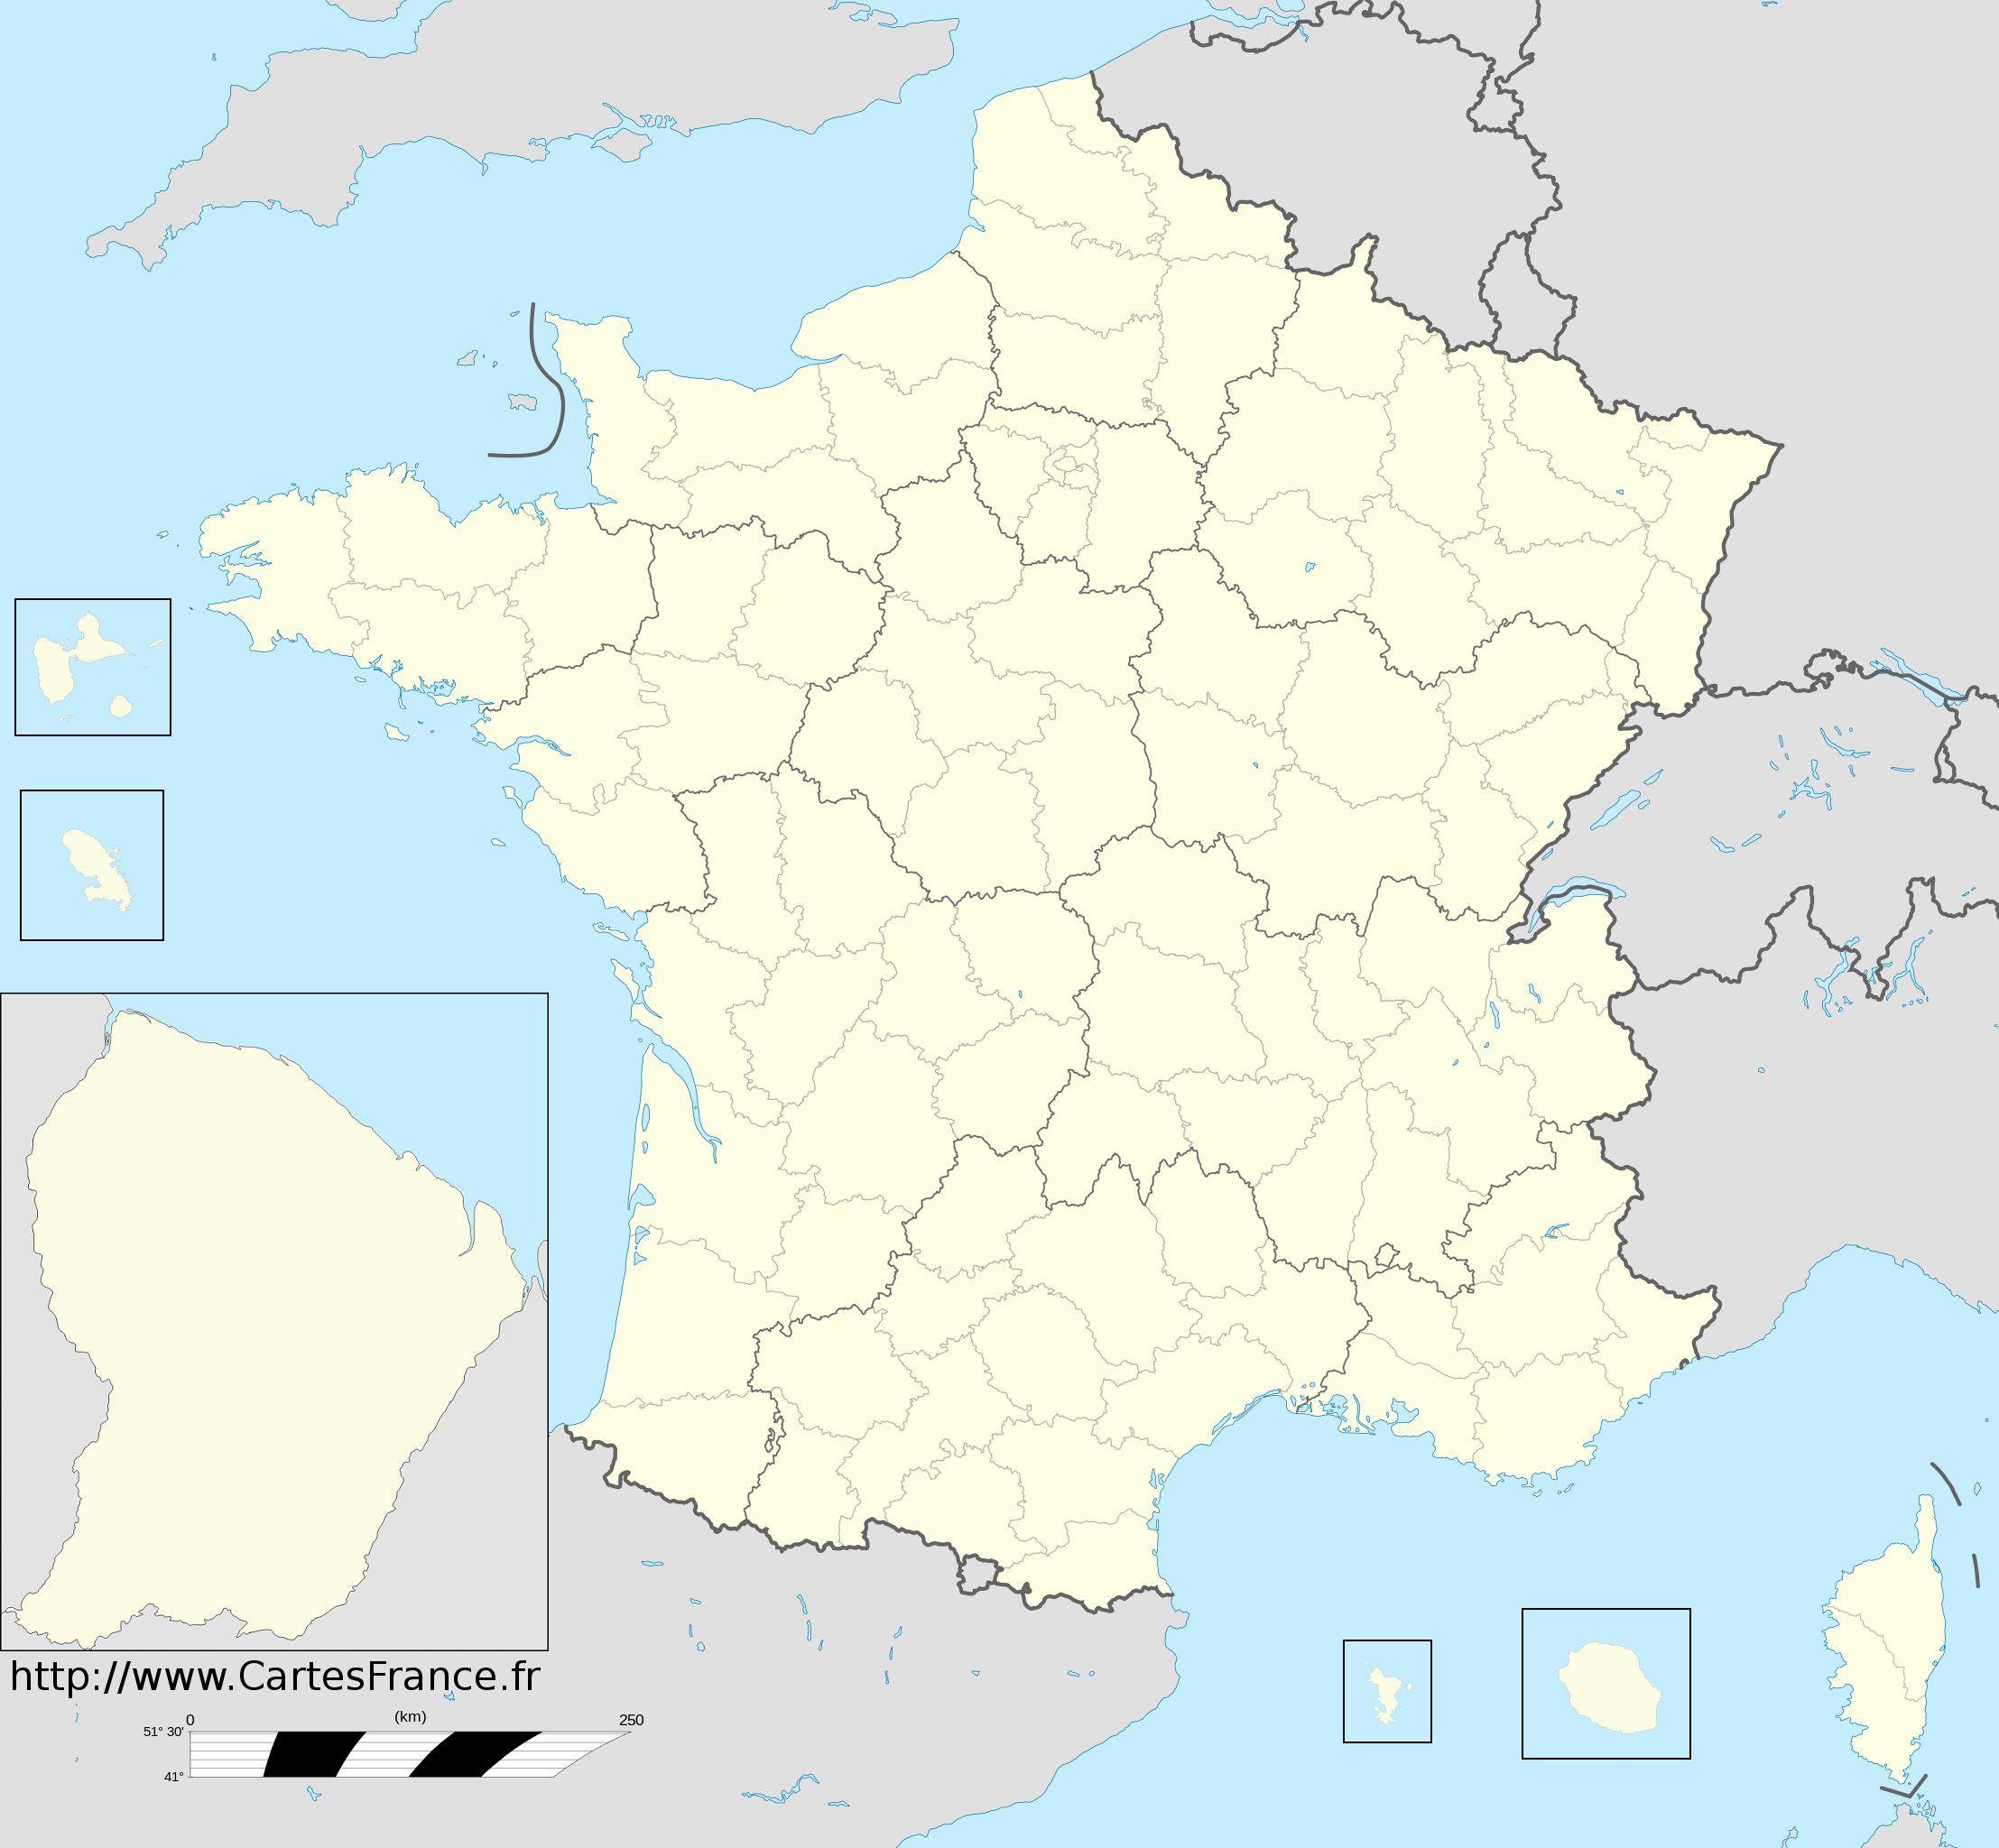 Nouveau Fond De Carte Des Départements | Carte Des Régions dedans Carte Des Régions De France Vierge